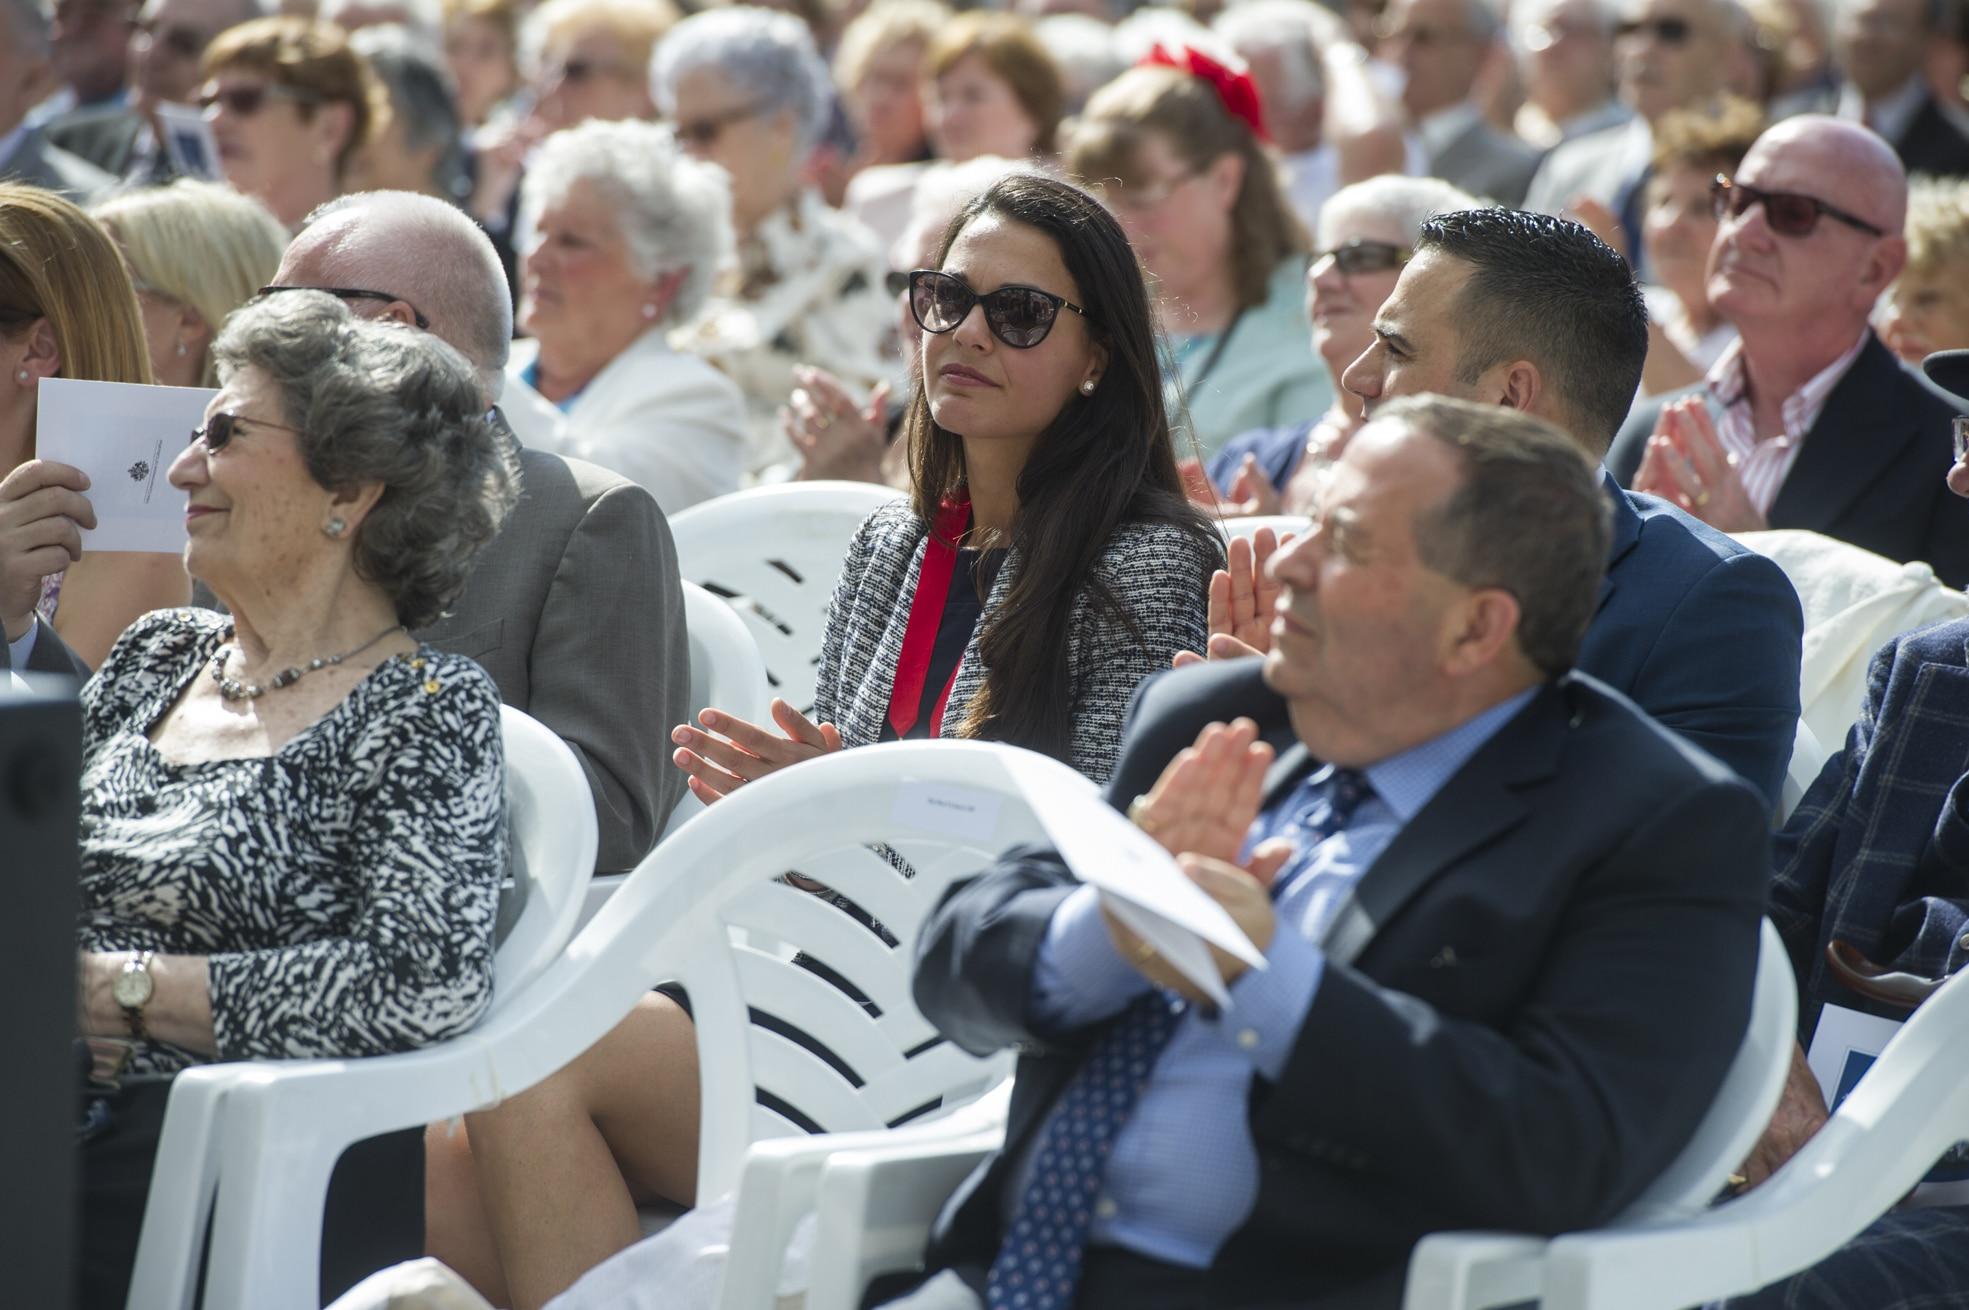 ceremonia-75-anos-evacuacion-gibraltar-22052015-25_17995228865_o